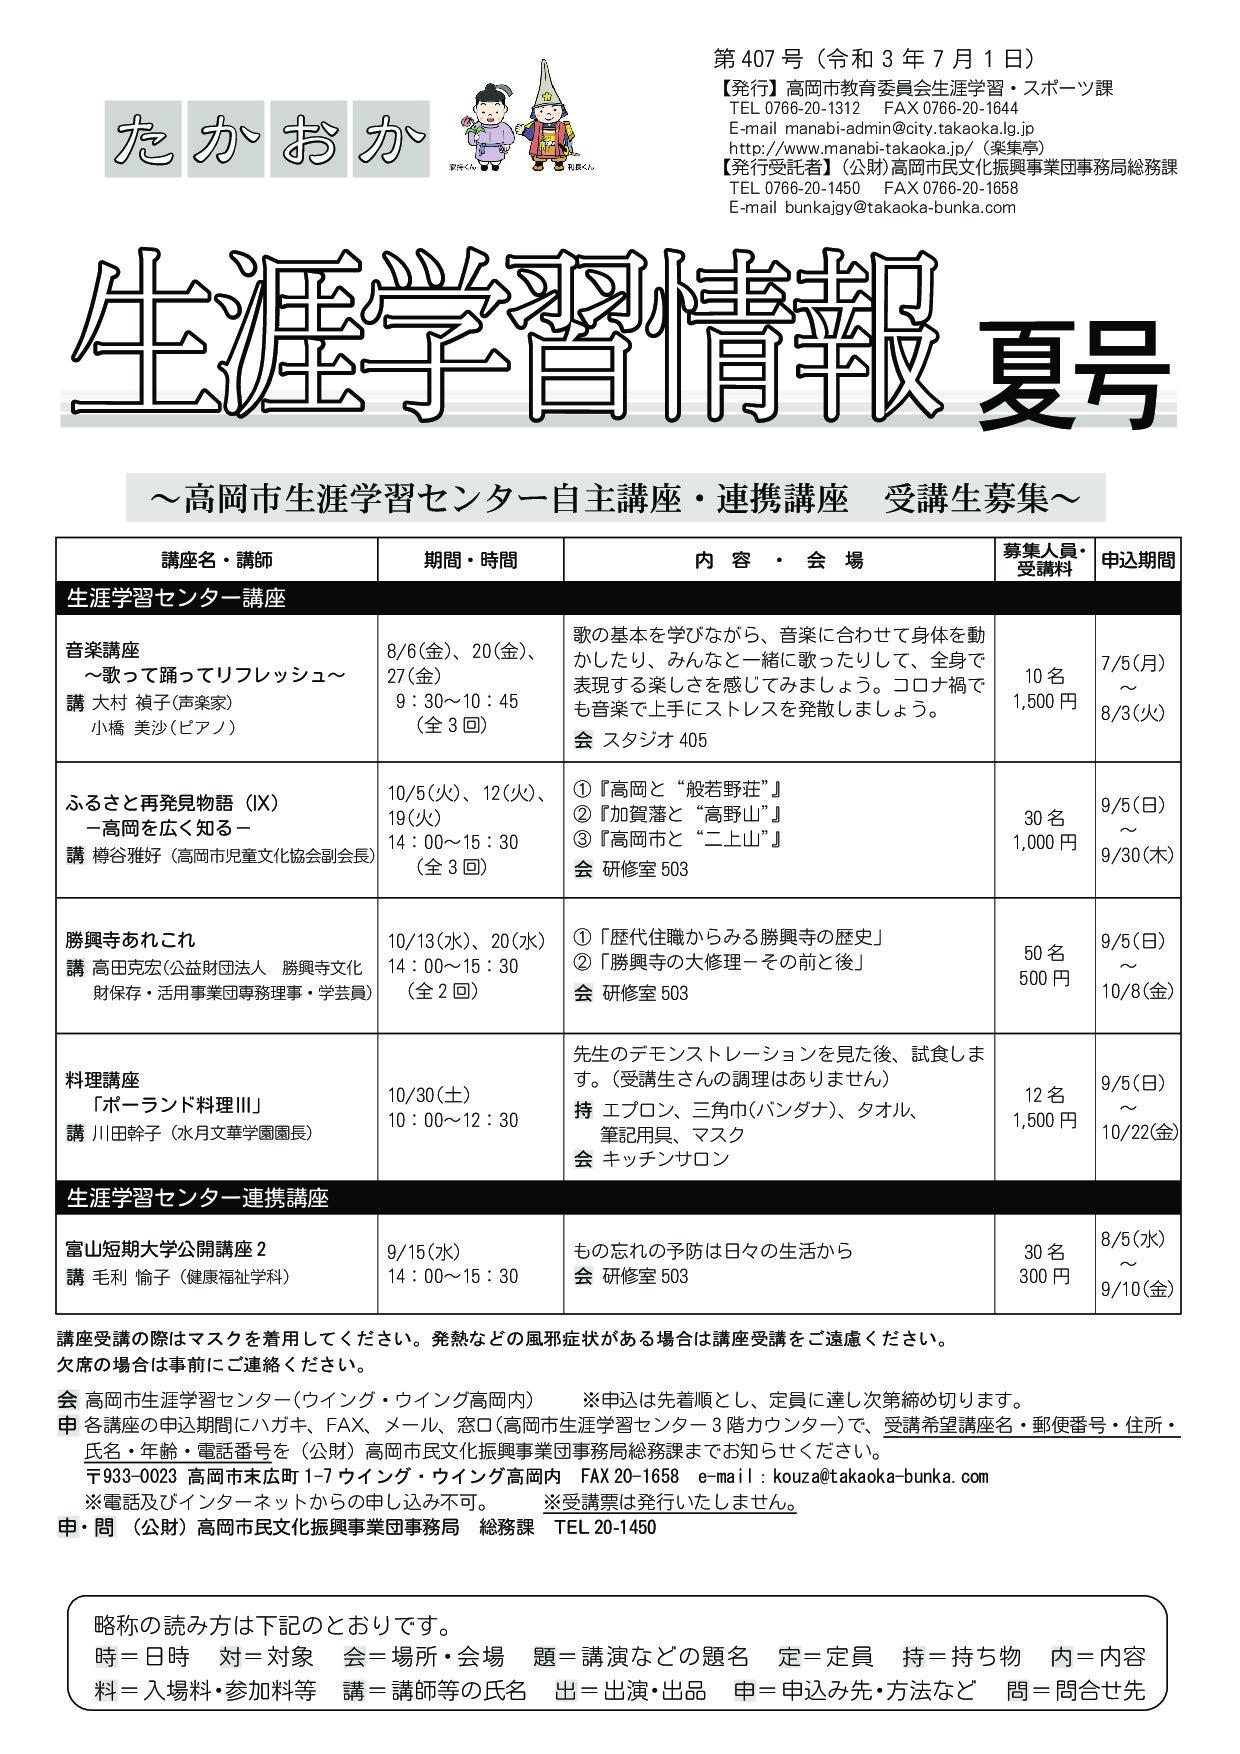 2021夏号生涯学習情報 (1)_001